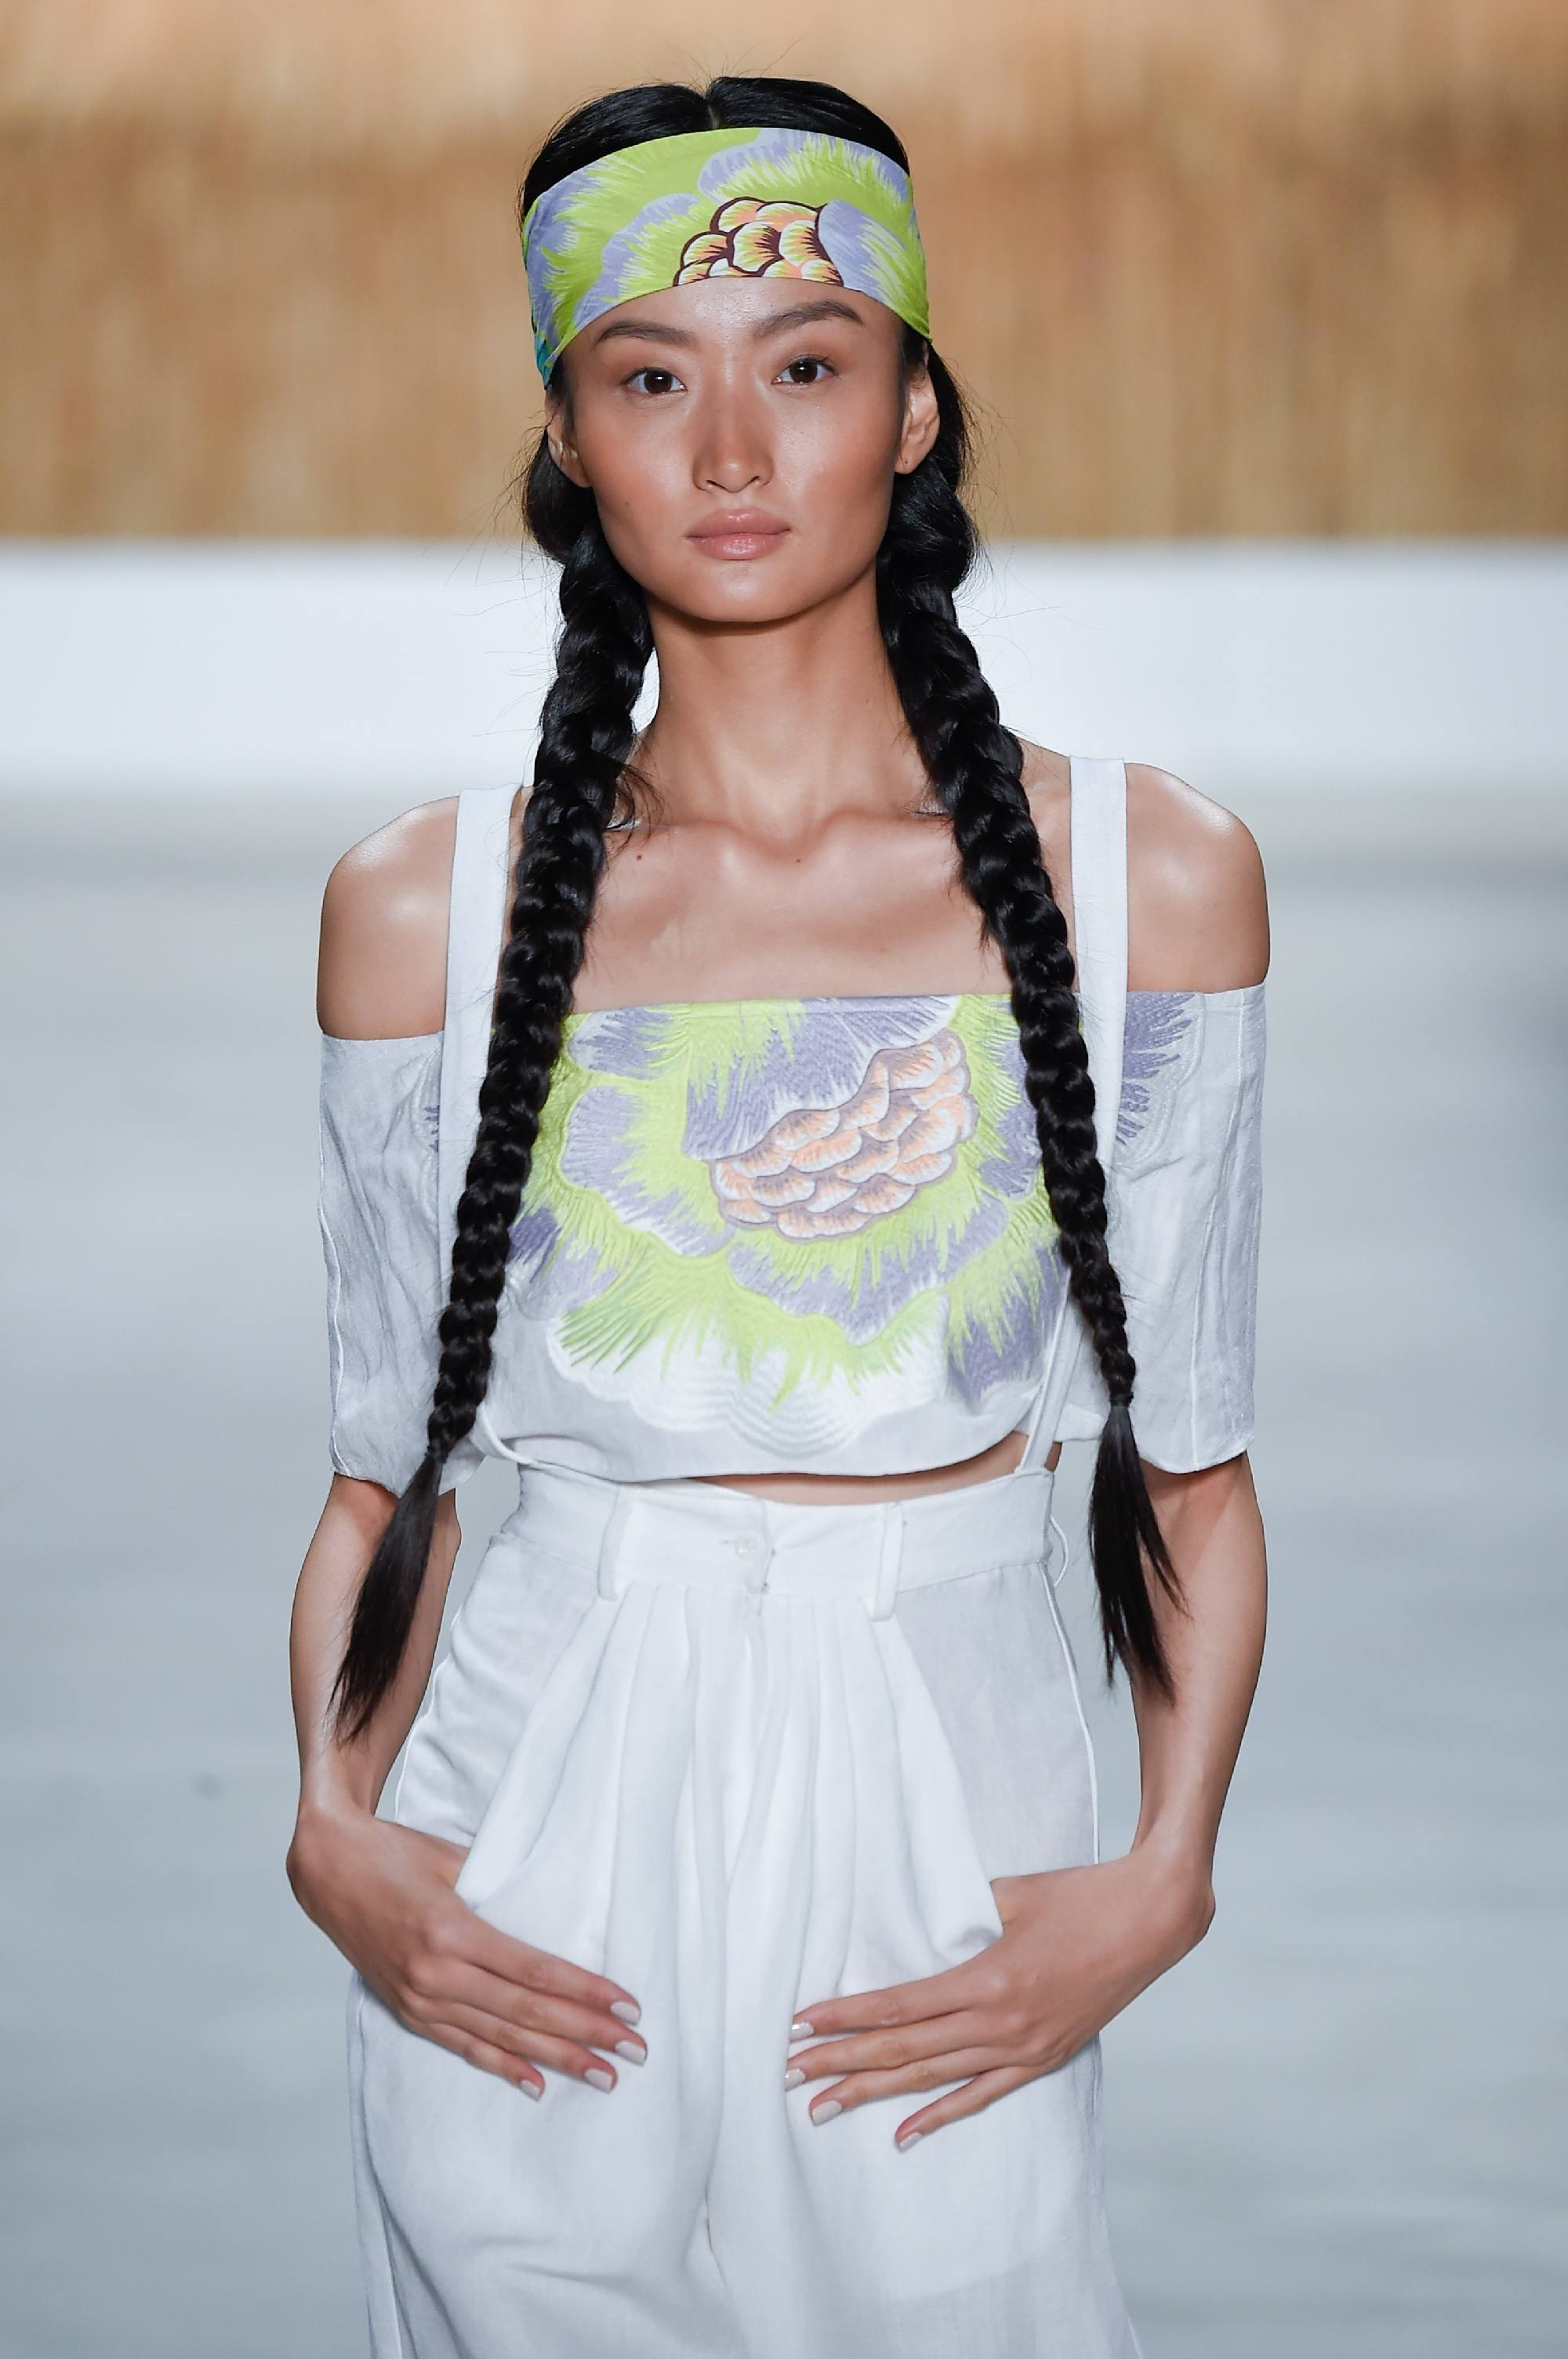 Queen Elsa hair ideas - Braided pigtails Indigital